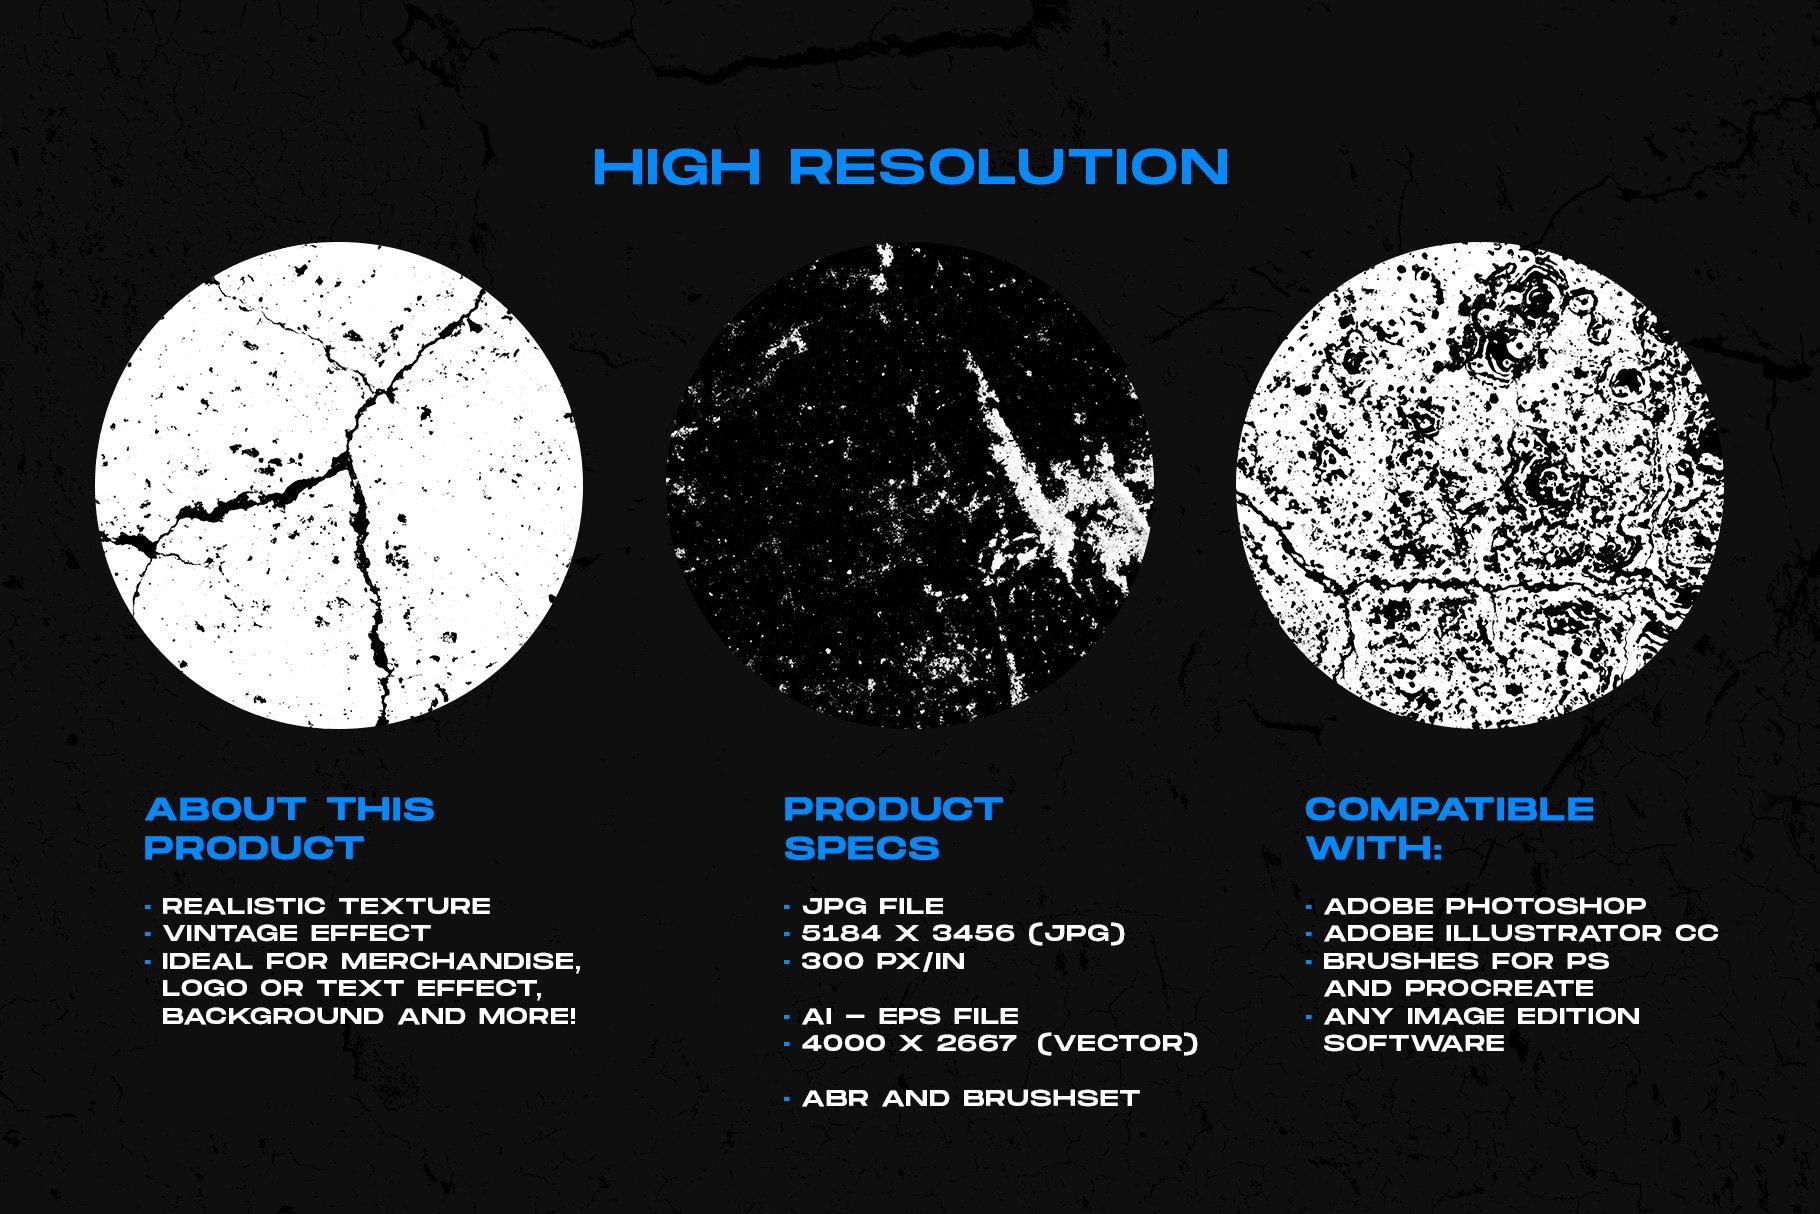 [单独购买] 150款潮流做旧粗糙磨损裂纹纹理平面广告设计背景图片素材 Cracked & Distressed Textures插图1